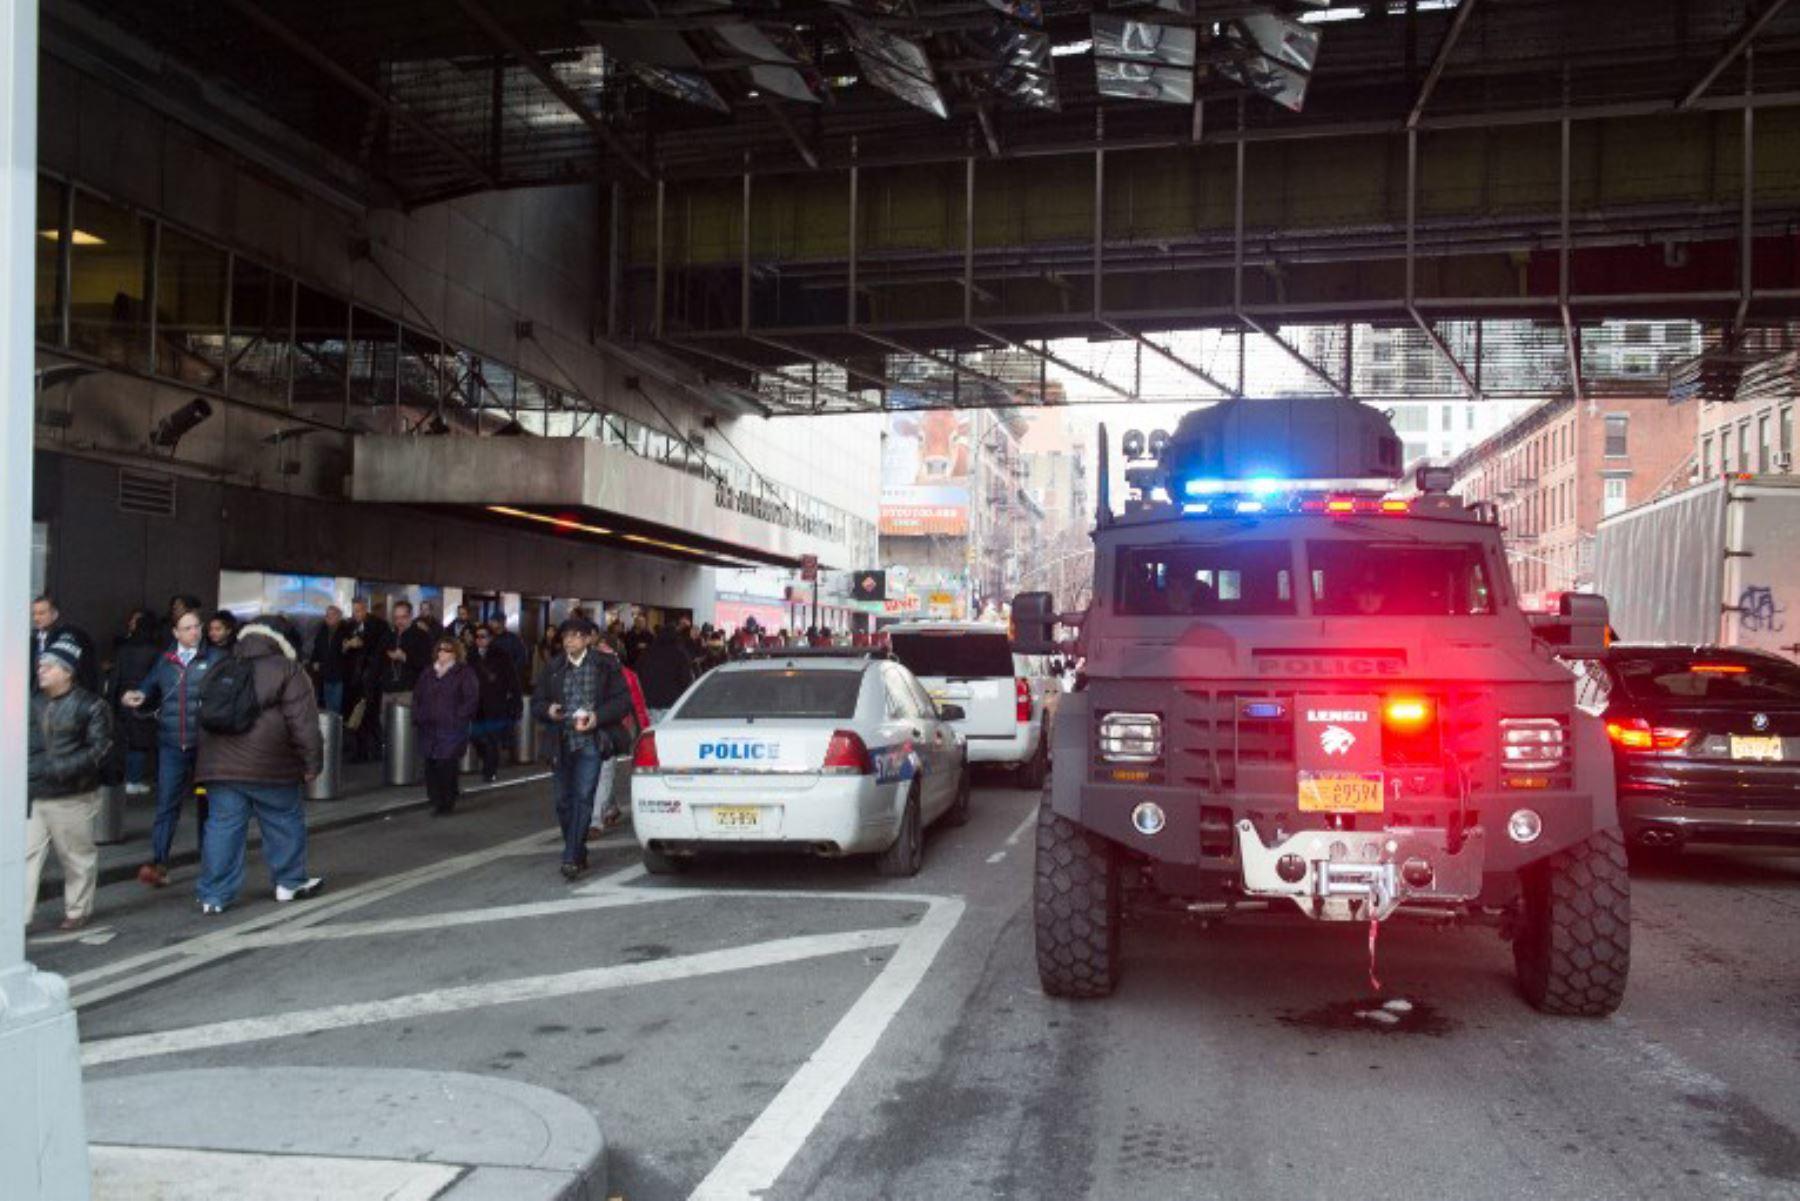 La policía de Nueva York investiga una explosión en una terminal de autobuses de Manhattan. Foto: AFP